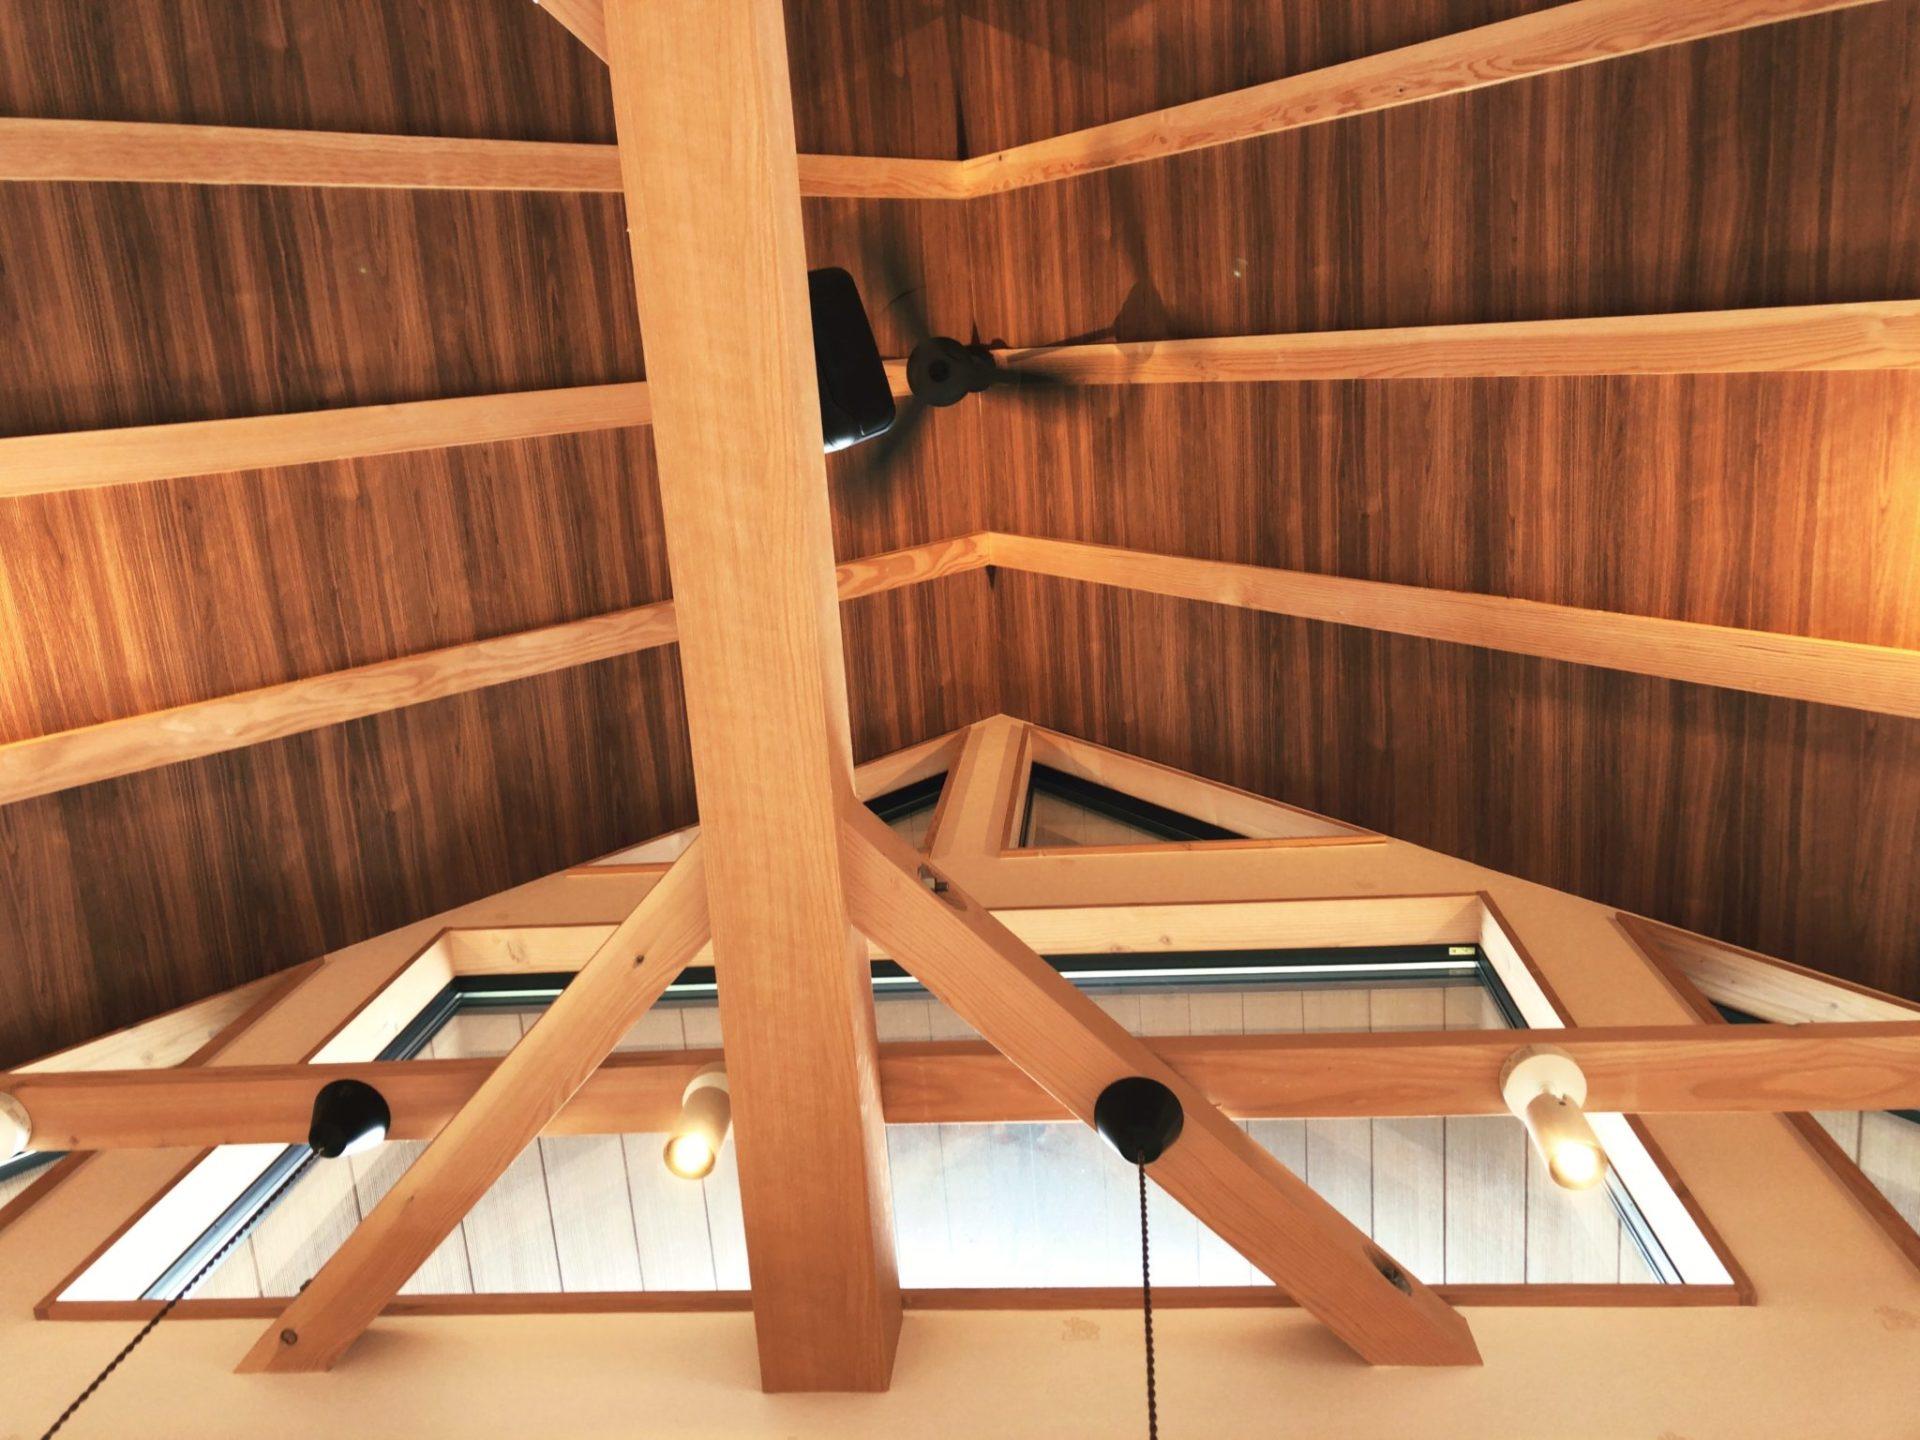 コメダ珈琲店 駒沢公園前店のは天井が広い